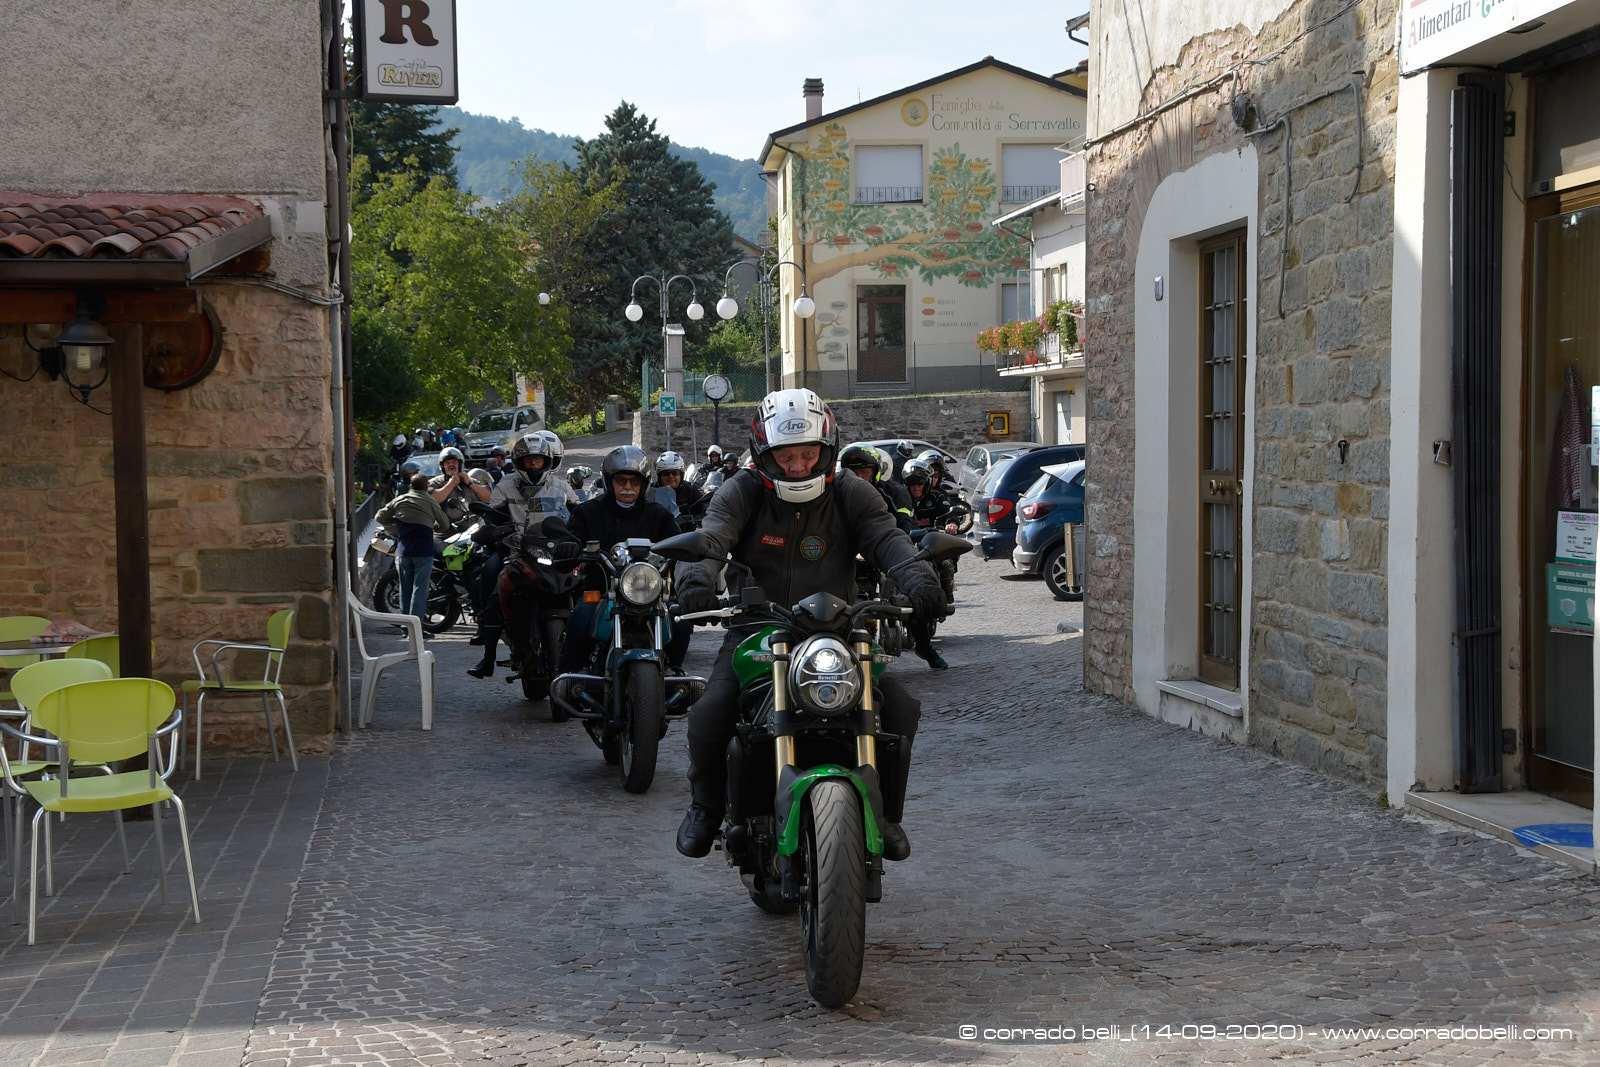 0203_-Benelli-Week-14-09-20